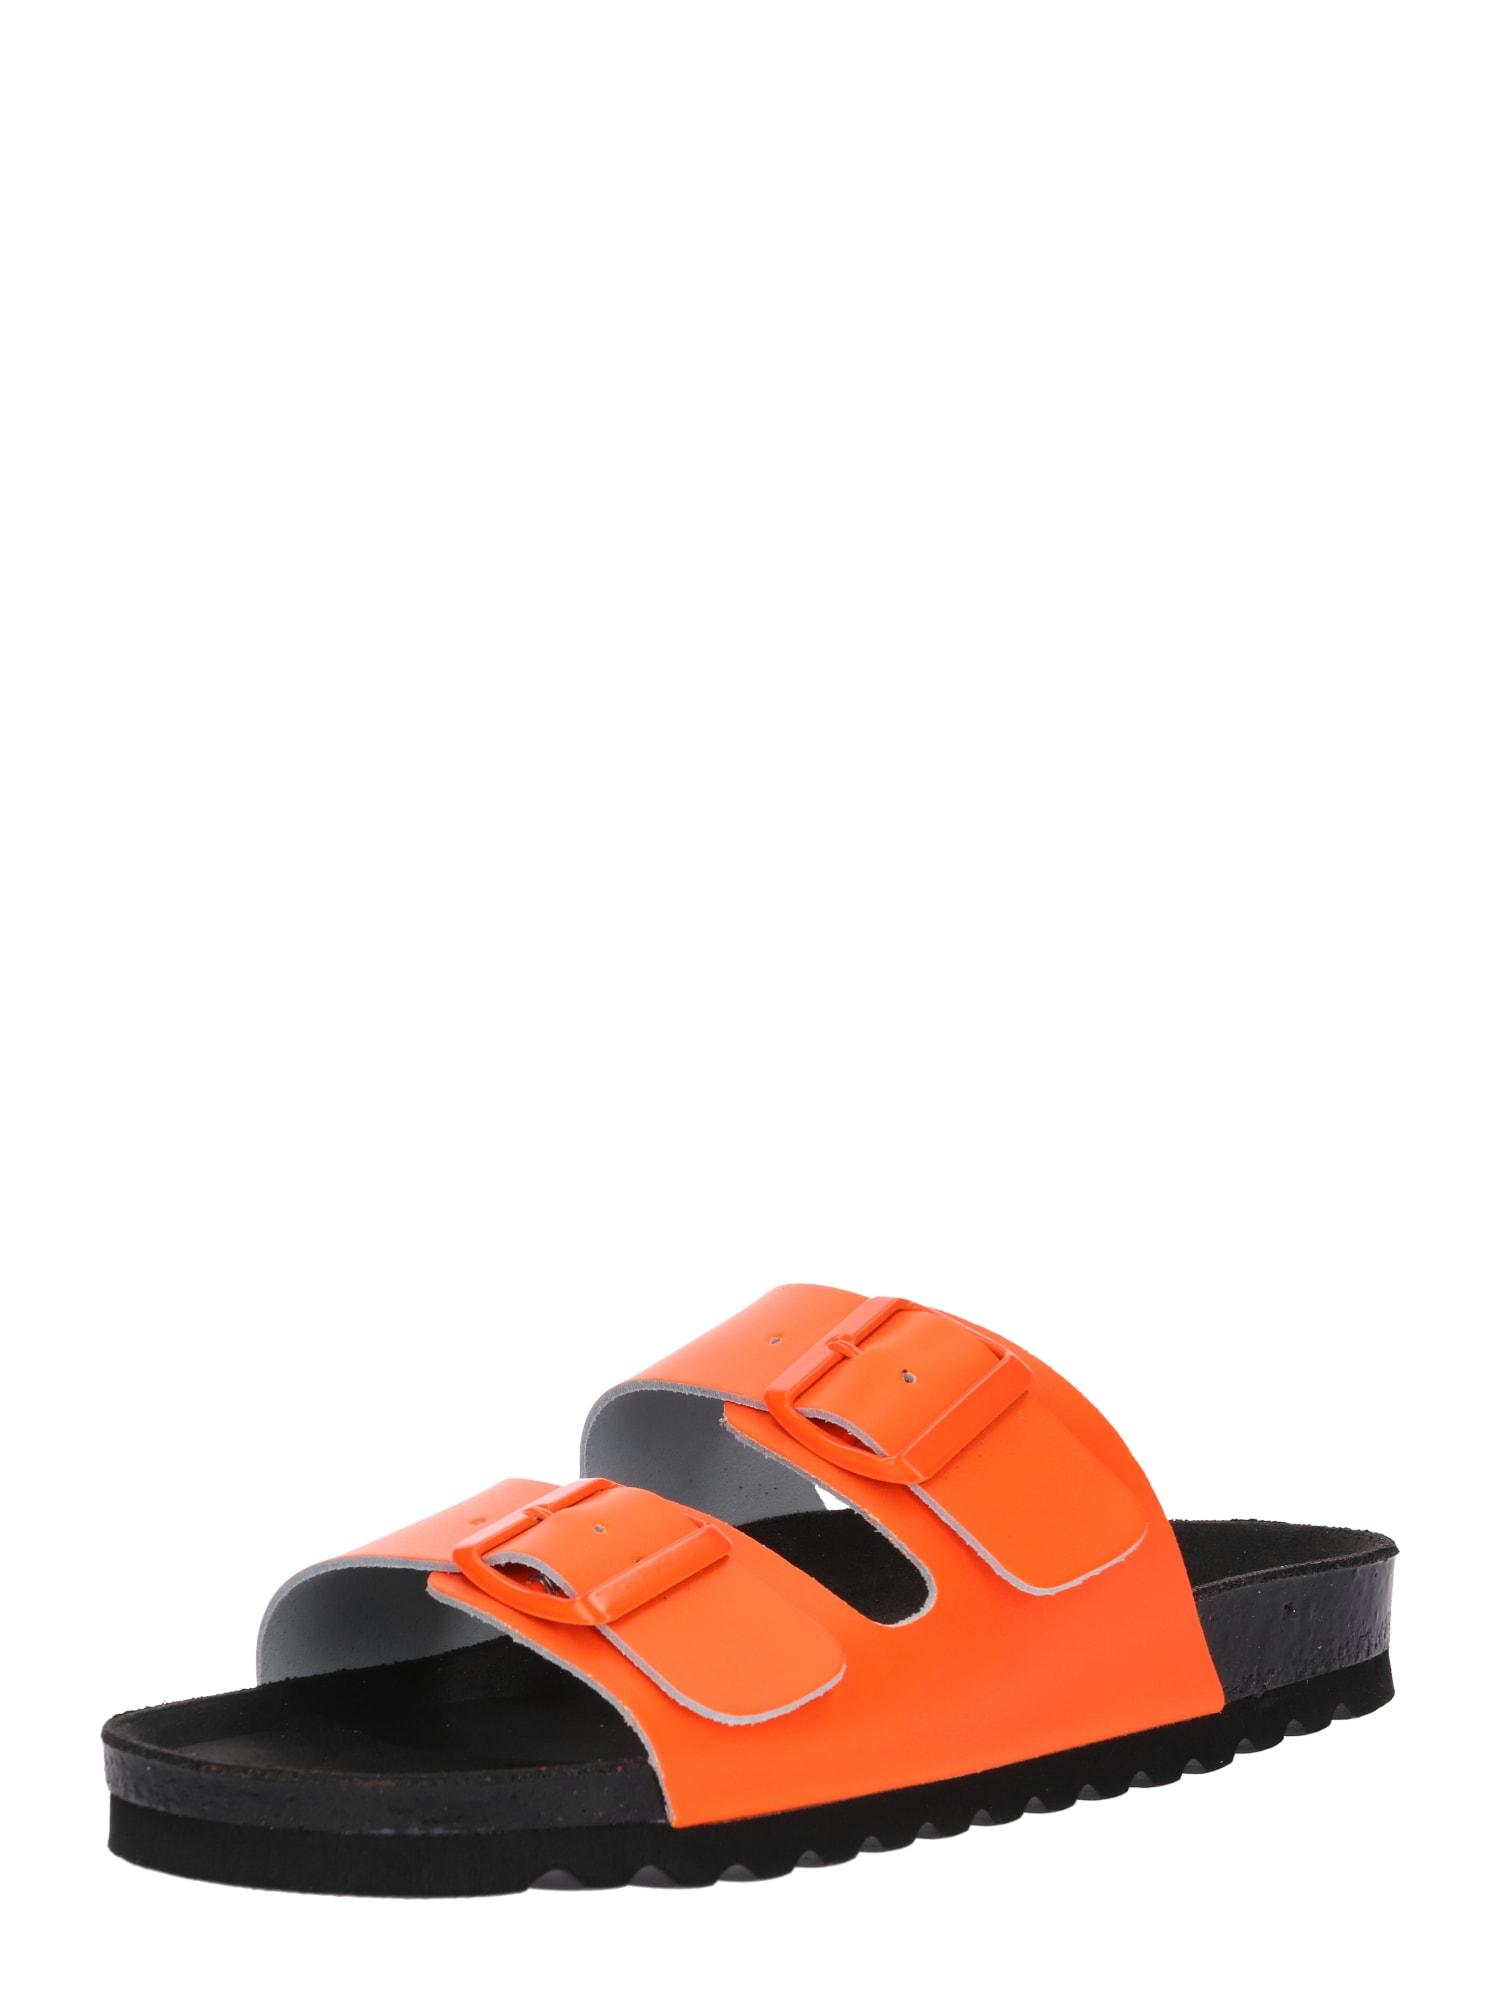 Sandály LUNA svítivě oranžová černá VERO MODA